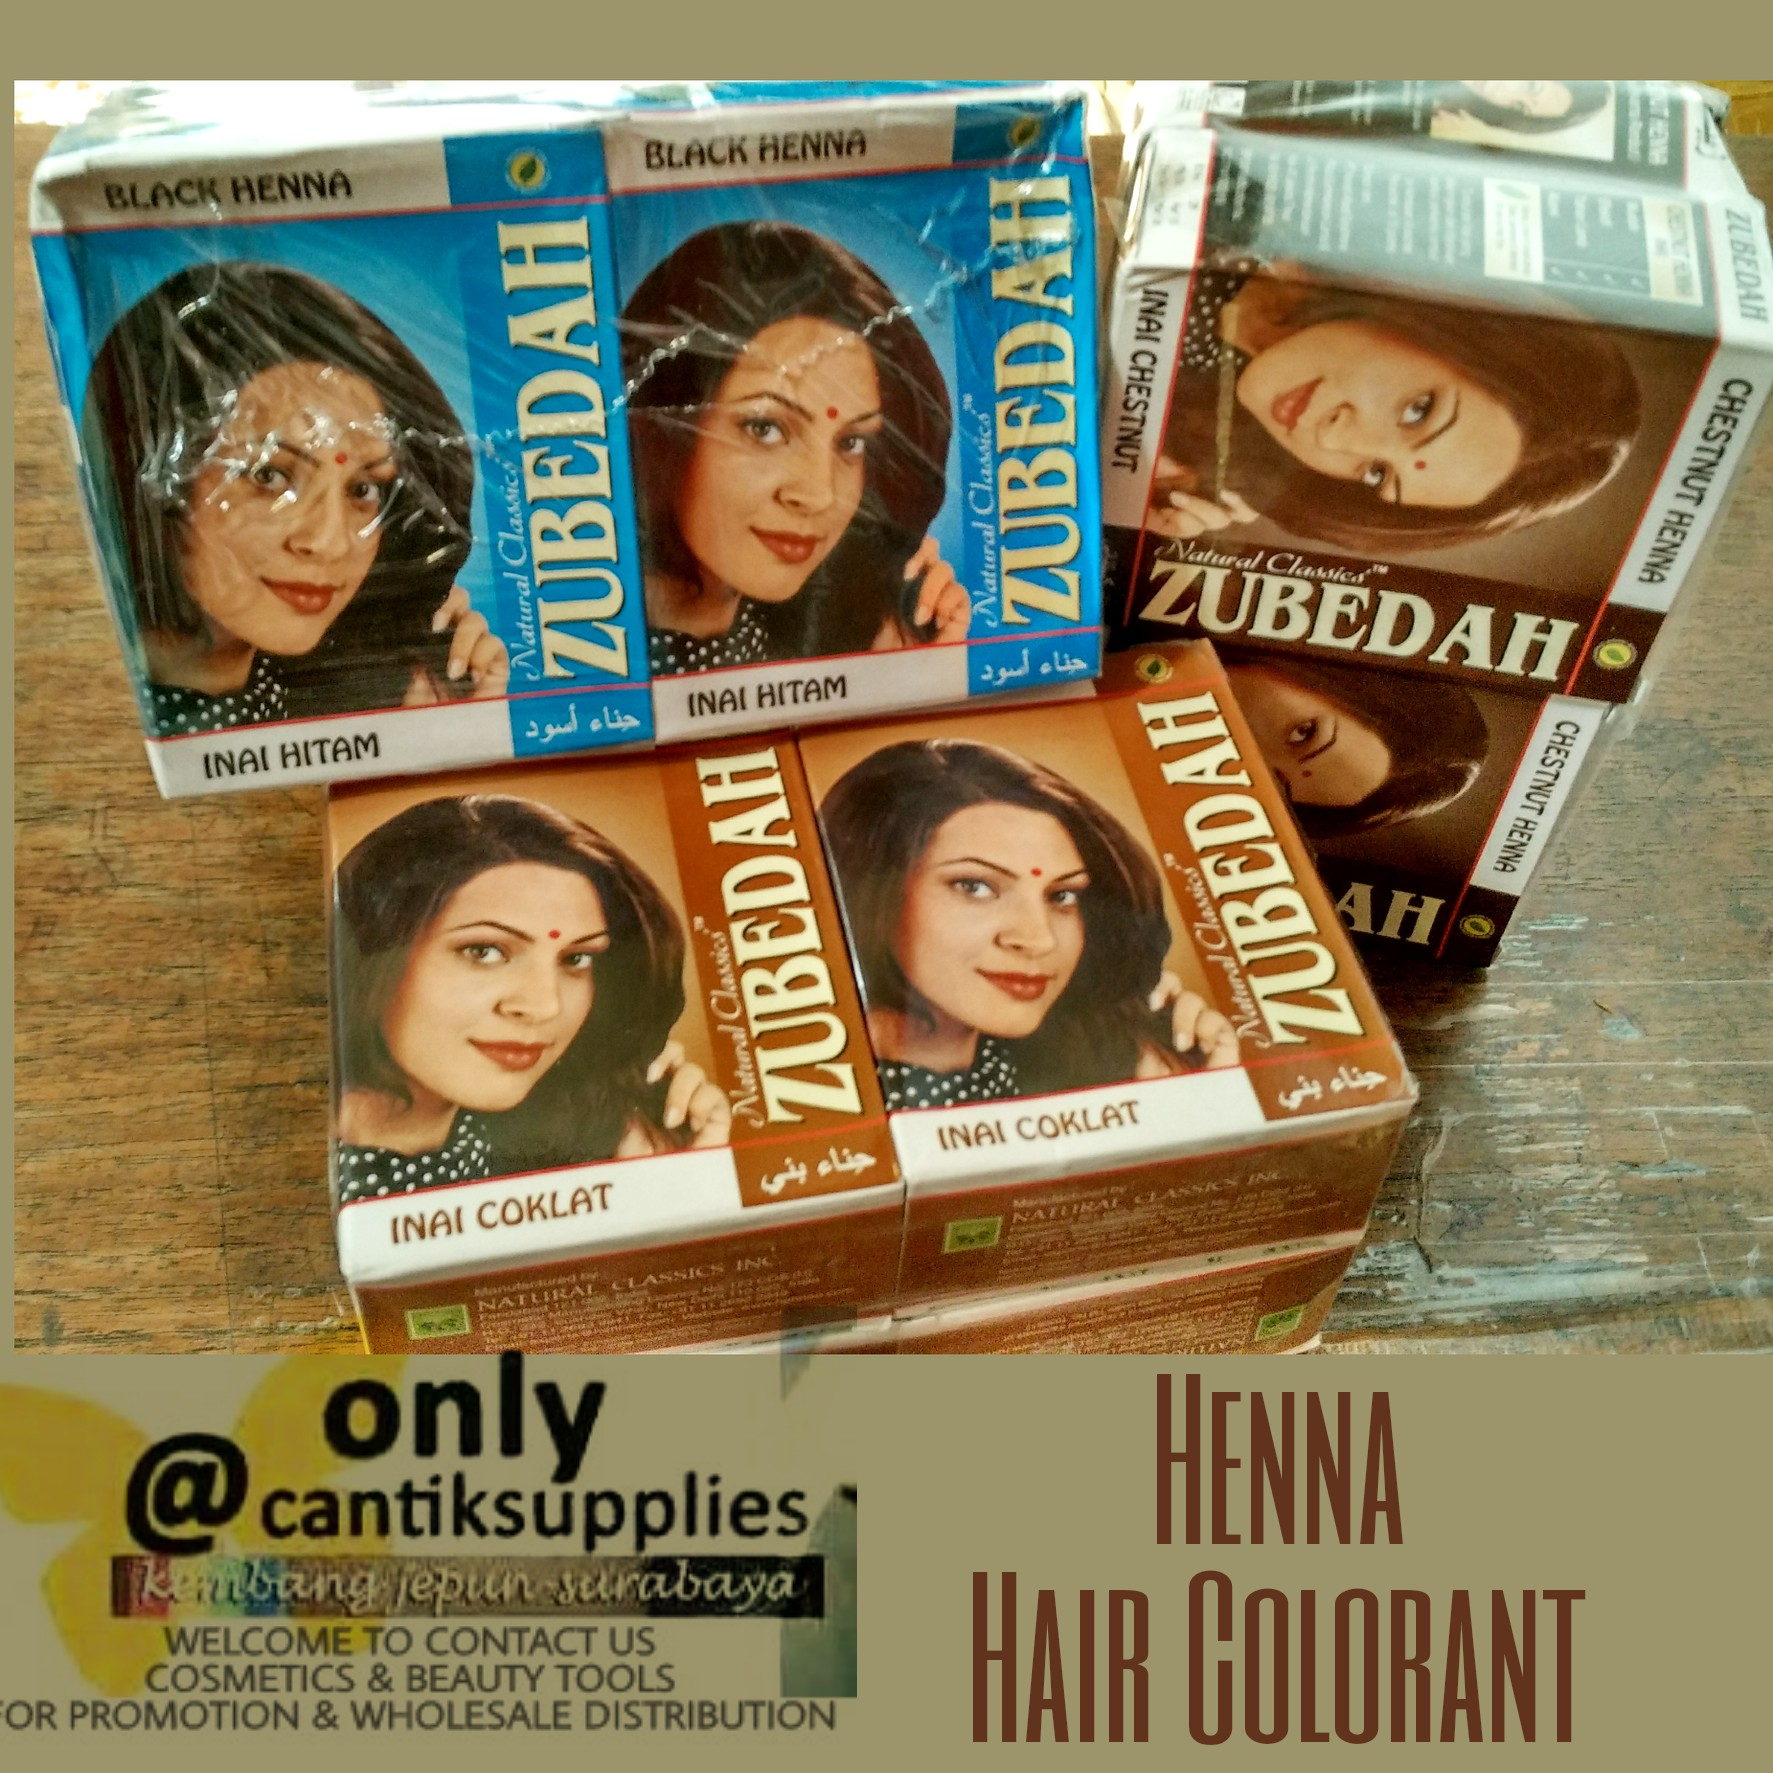 Zubedah Henna Pusat Grosir Kosmetik Alat Salon Kecantikan Rambut Image